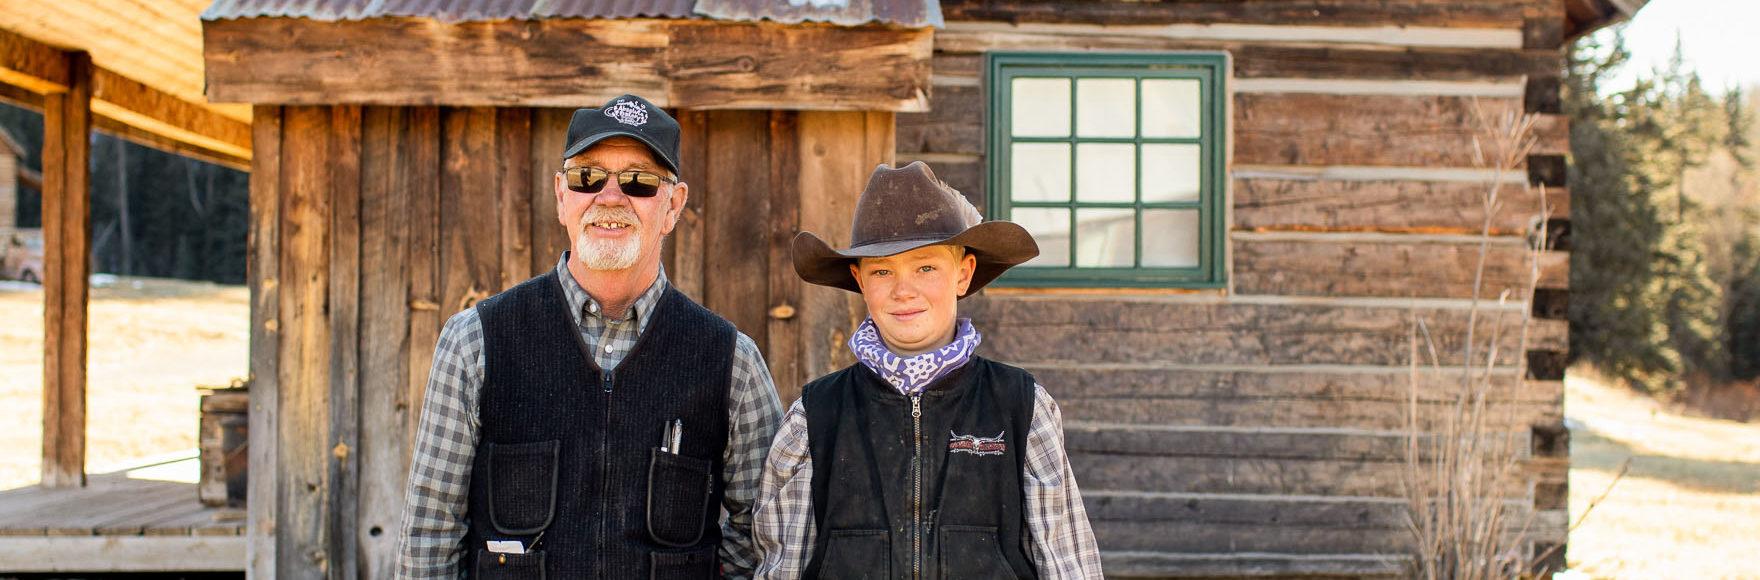 Local ranchers at Dunton